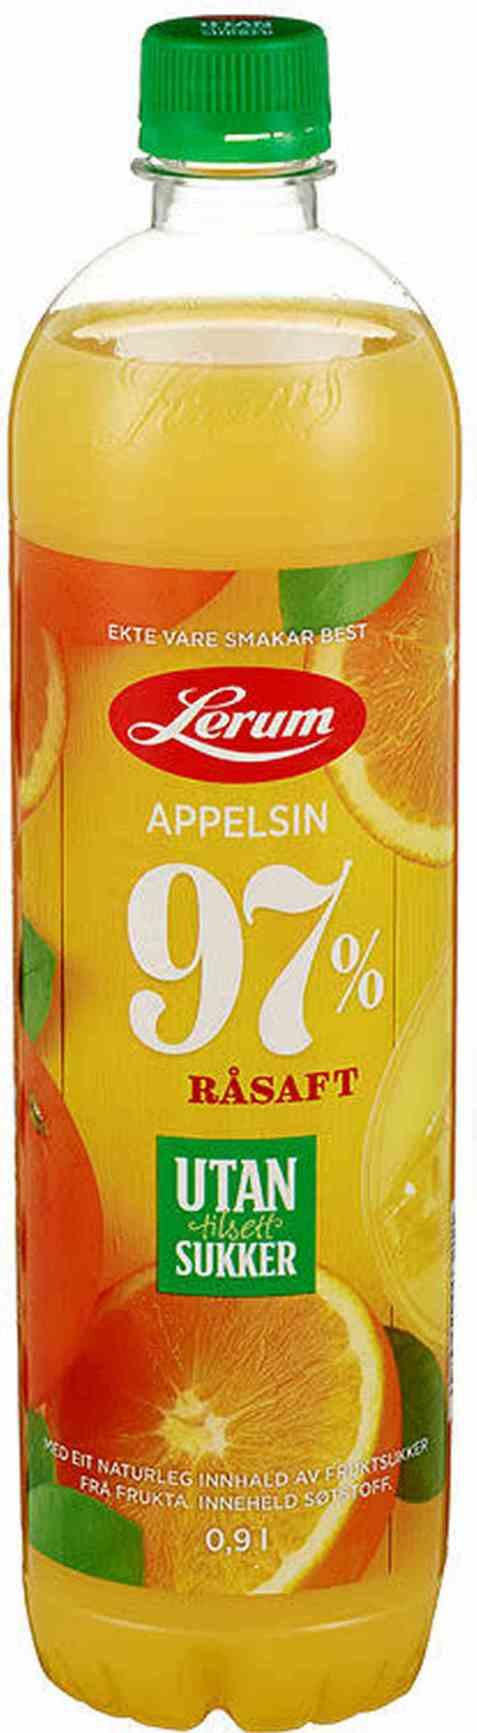 Bilde av Lerum appelsinsaft utan tilsett sukker.